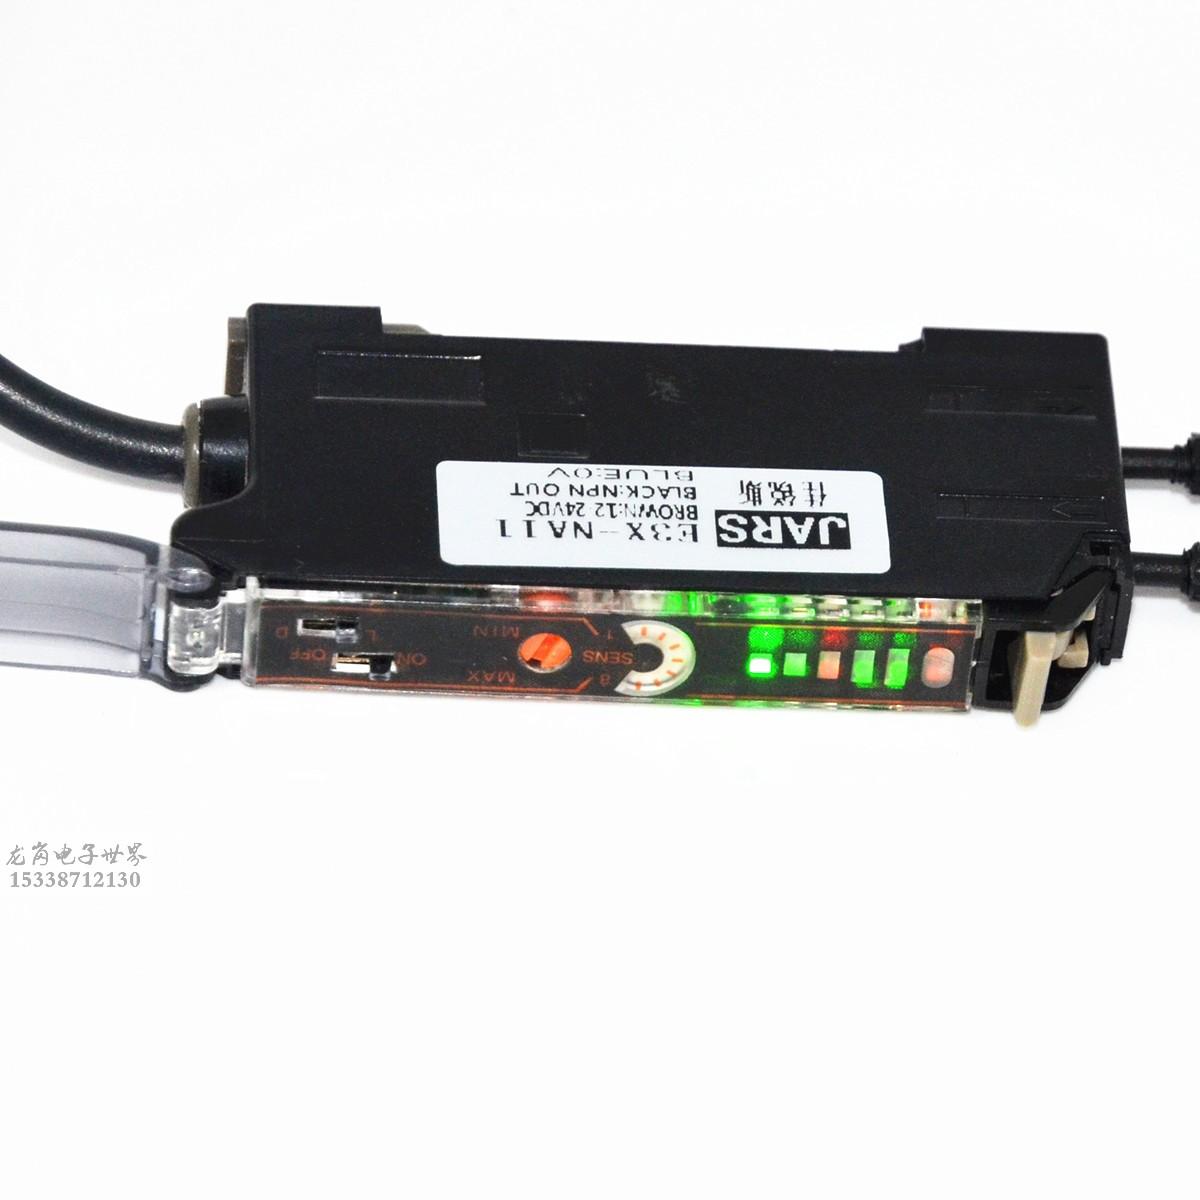 光纤放大器光纤传感器JARS佳锐斯 E3X-NA11 对射漫反射感应光电